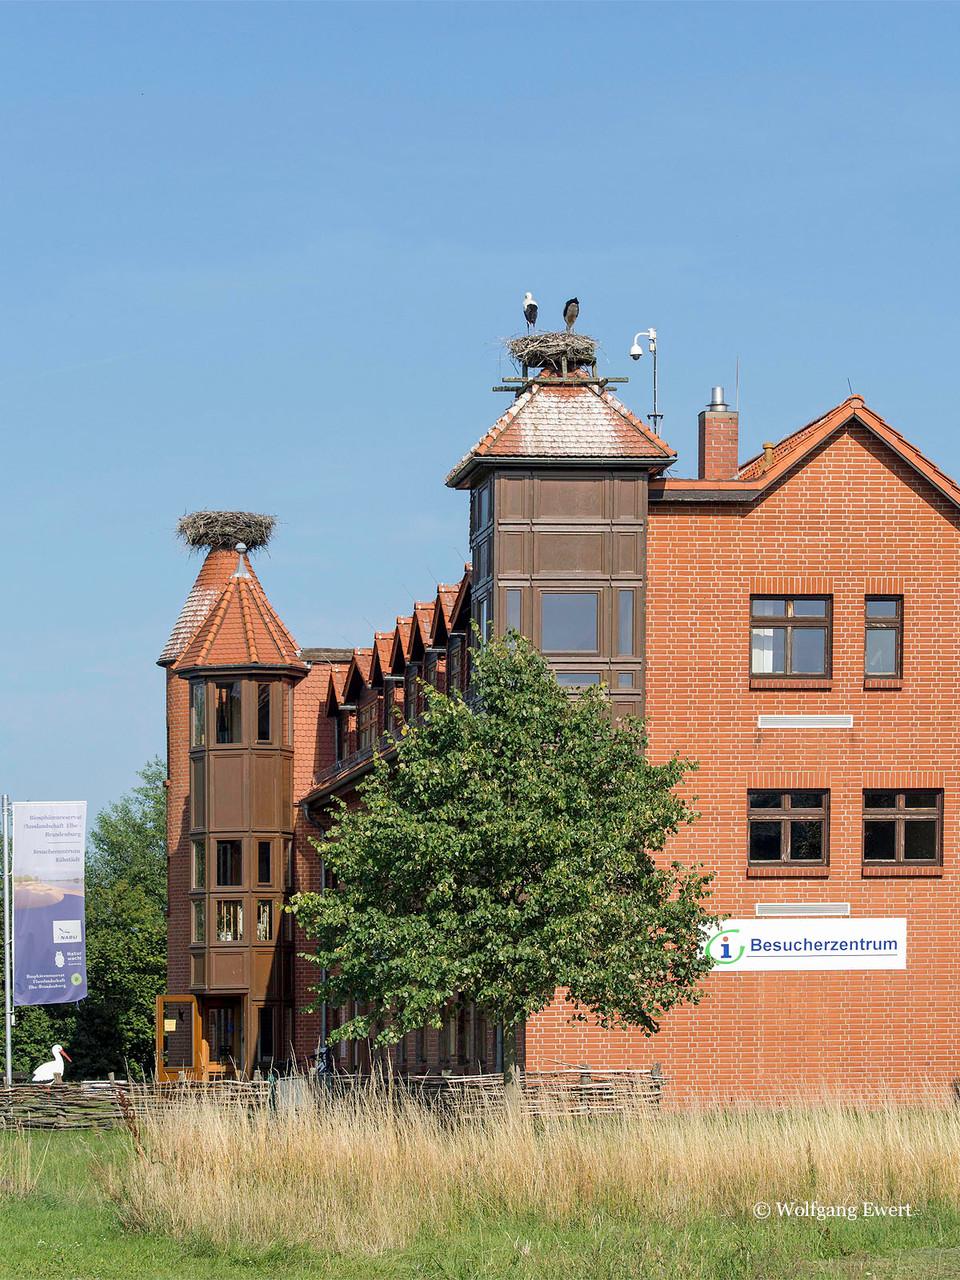 NABU- Besucherzentrum            --                      Foto: W. Ewert